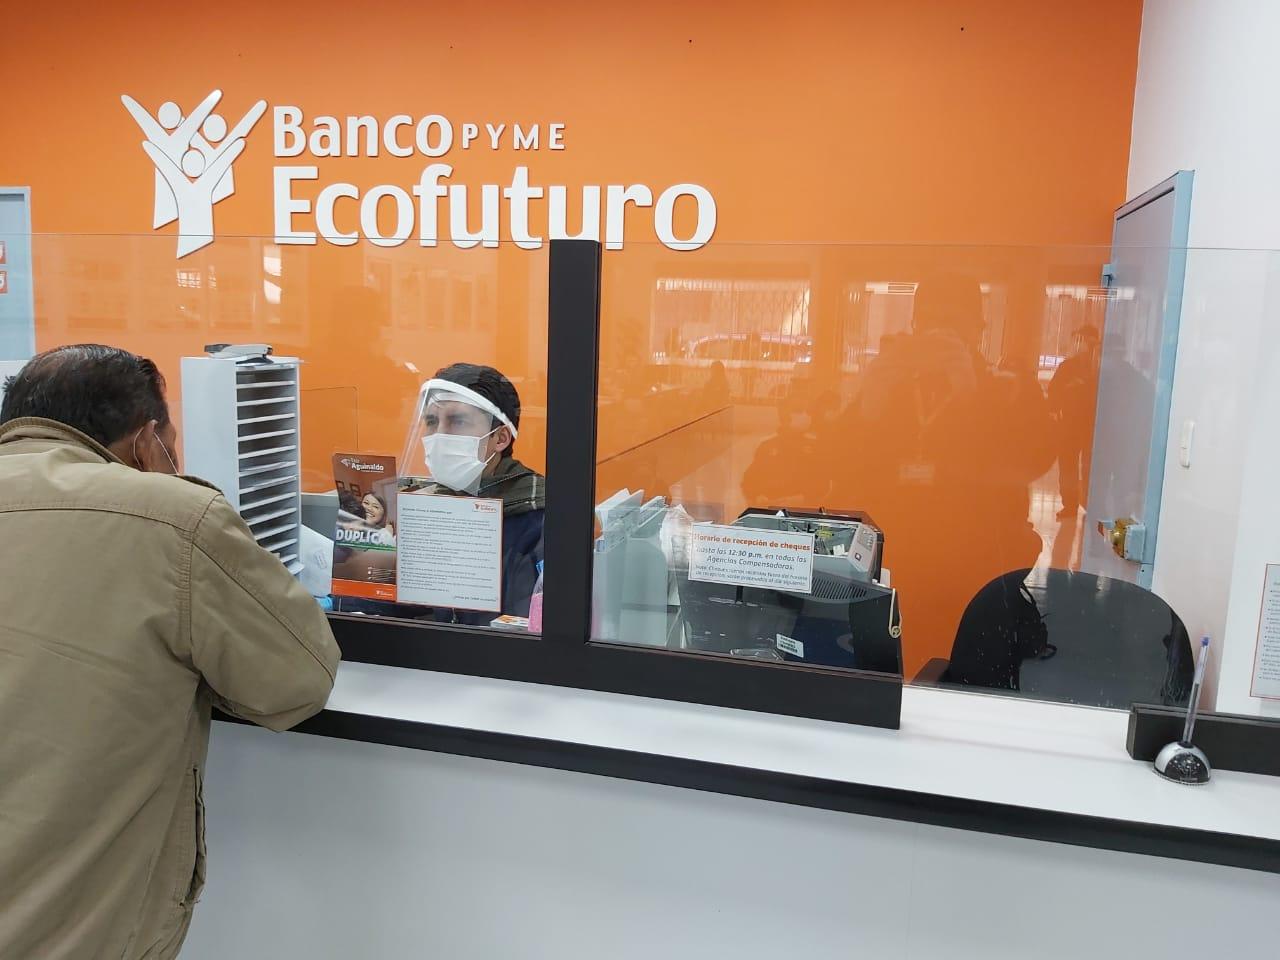 Ecofuturo realiza el pago de más de 120.000 Bonos sociales a nivel nacional